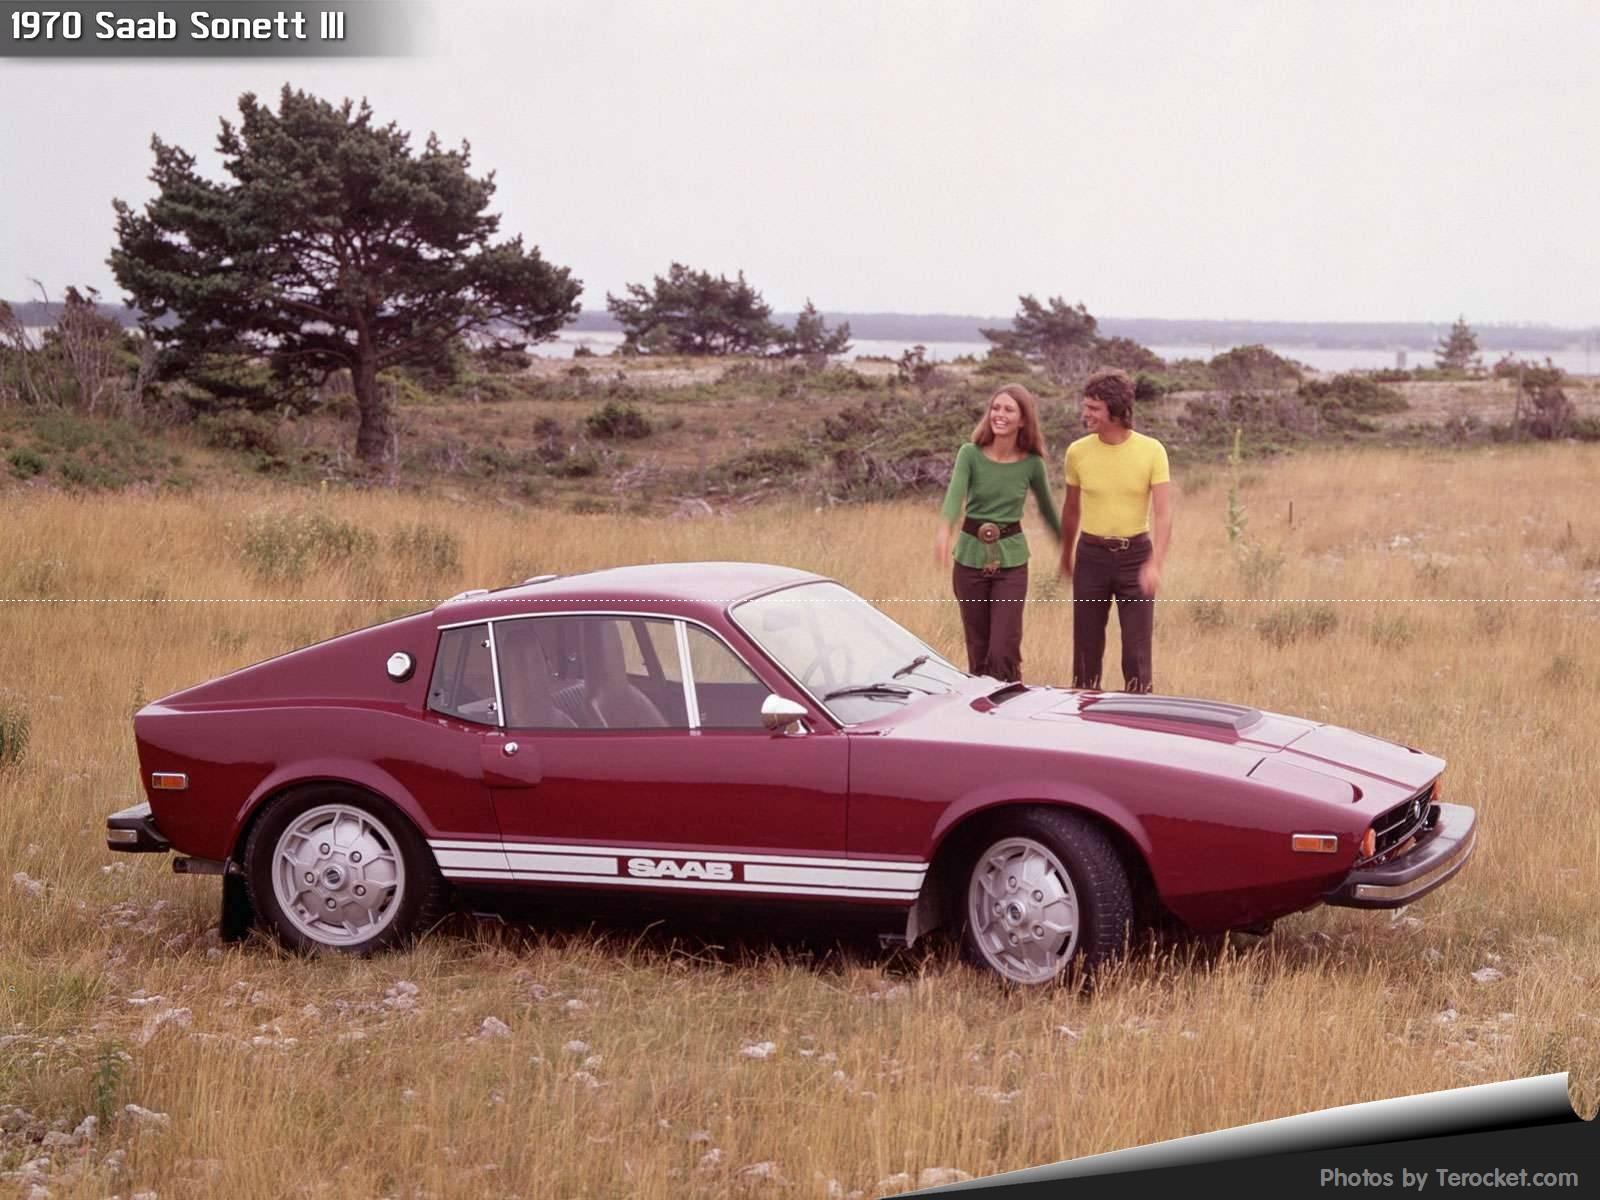 Hình ảnh xe ô tô Saab Sonett III 1970 & nội ngoại thất